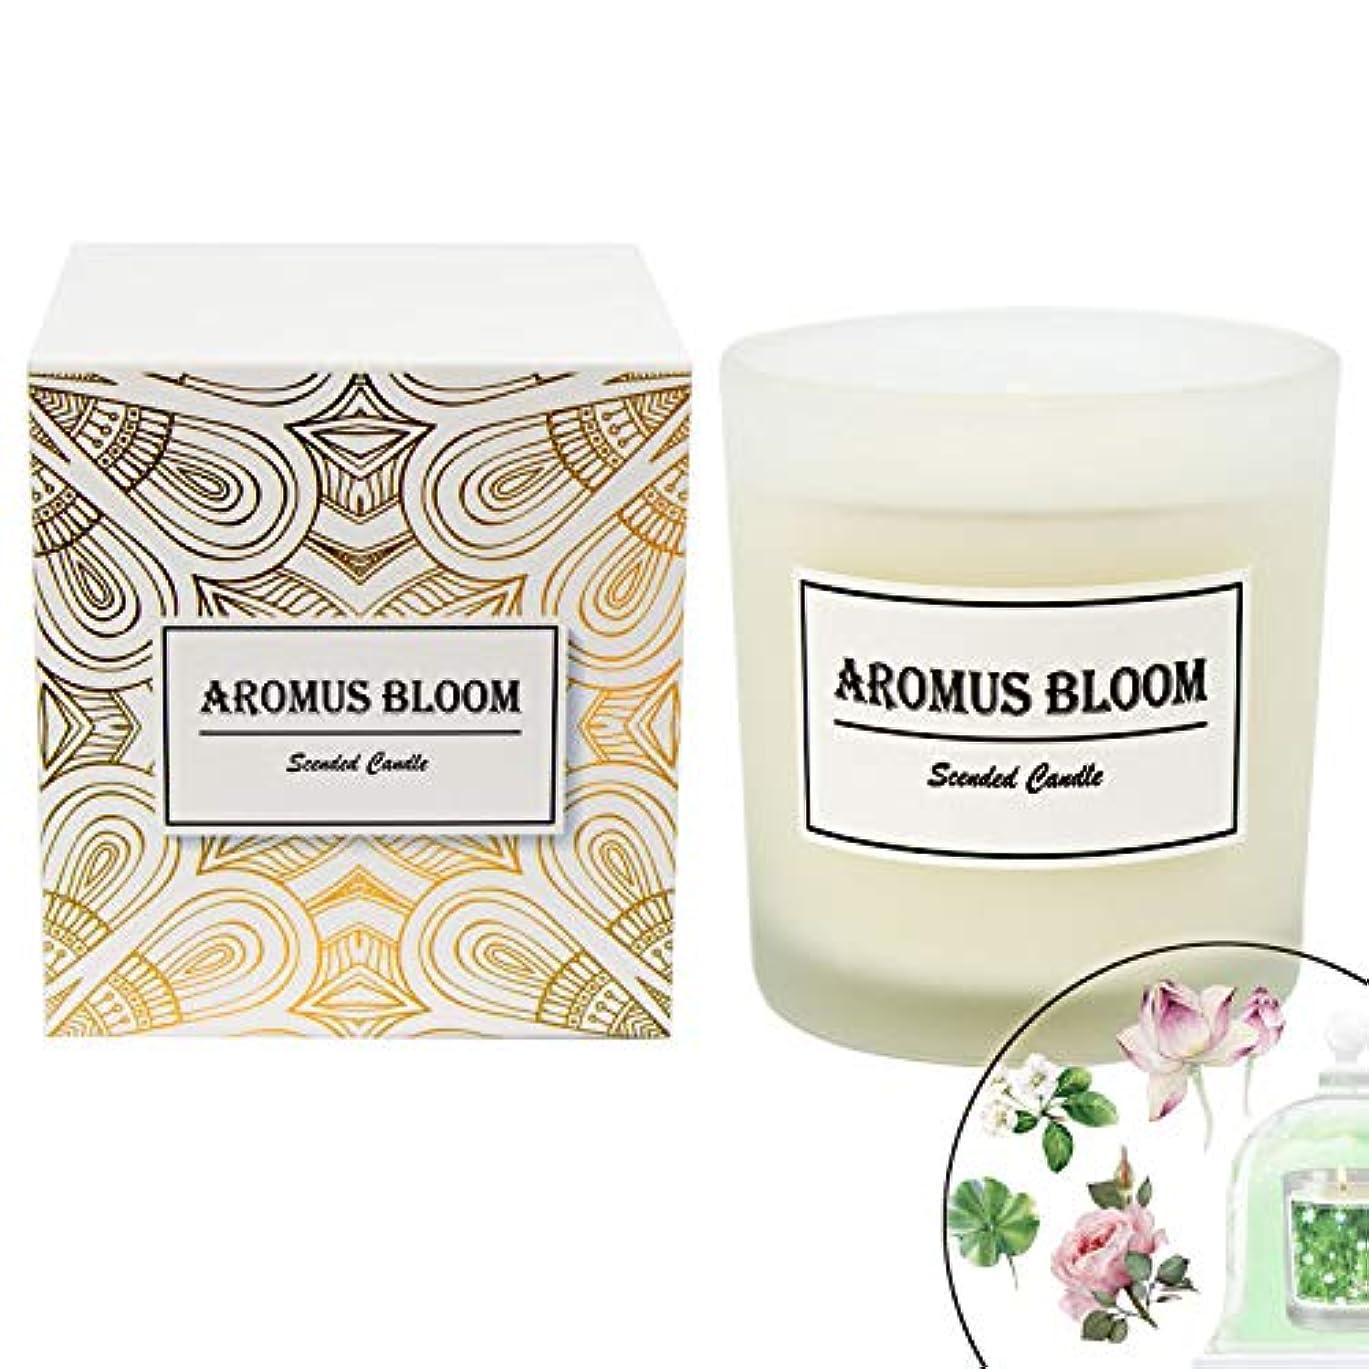 用量師匠霧深いAromusBloom 香り付きキャンドル ギフト 天然エッセンシャルオイル 100% 環境に優しい大豆ワックス アロマセラピーキャンドル ギフトキャンドル レディース Green Lush B07D82D5S5